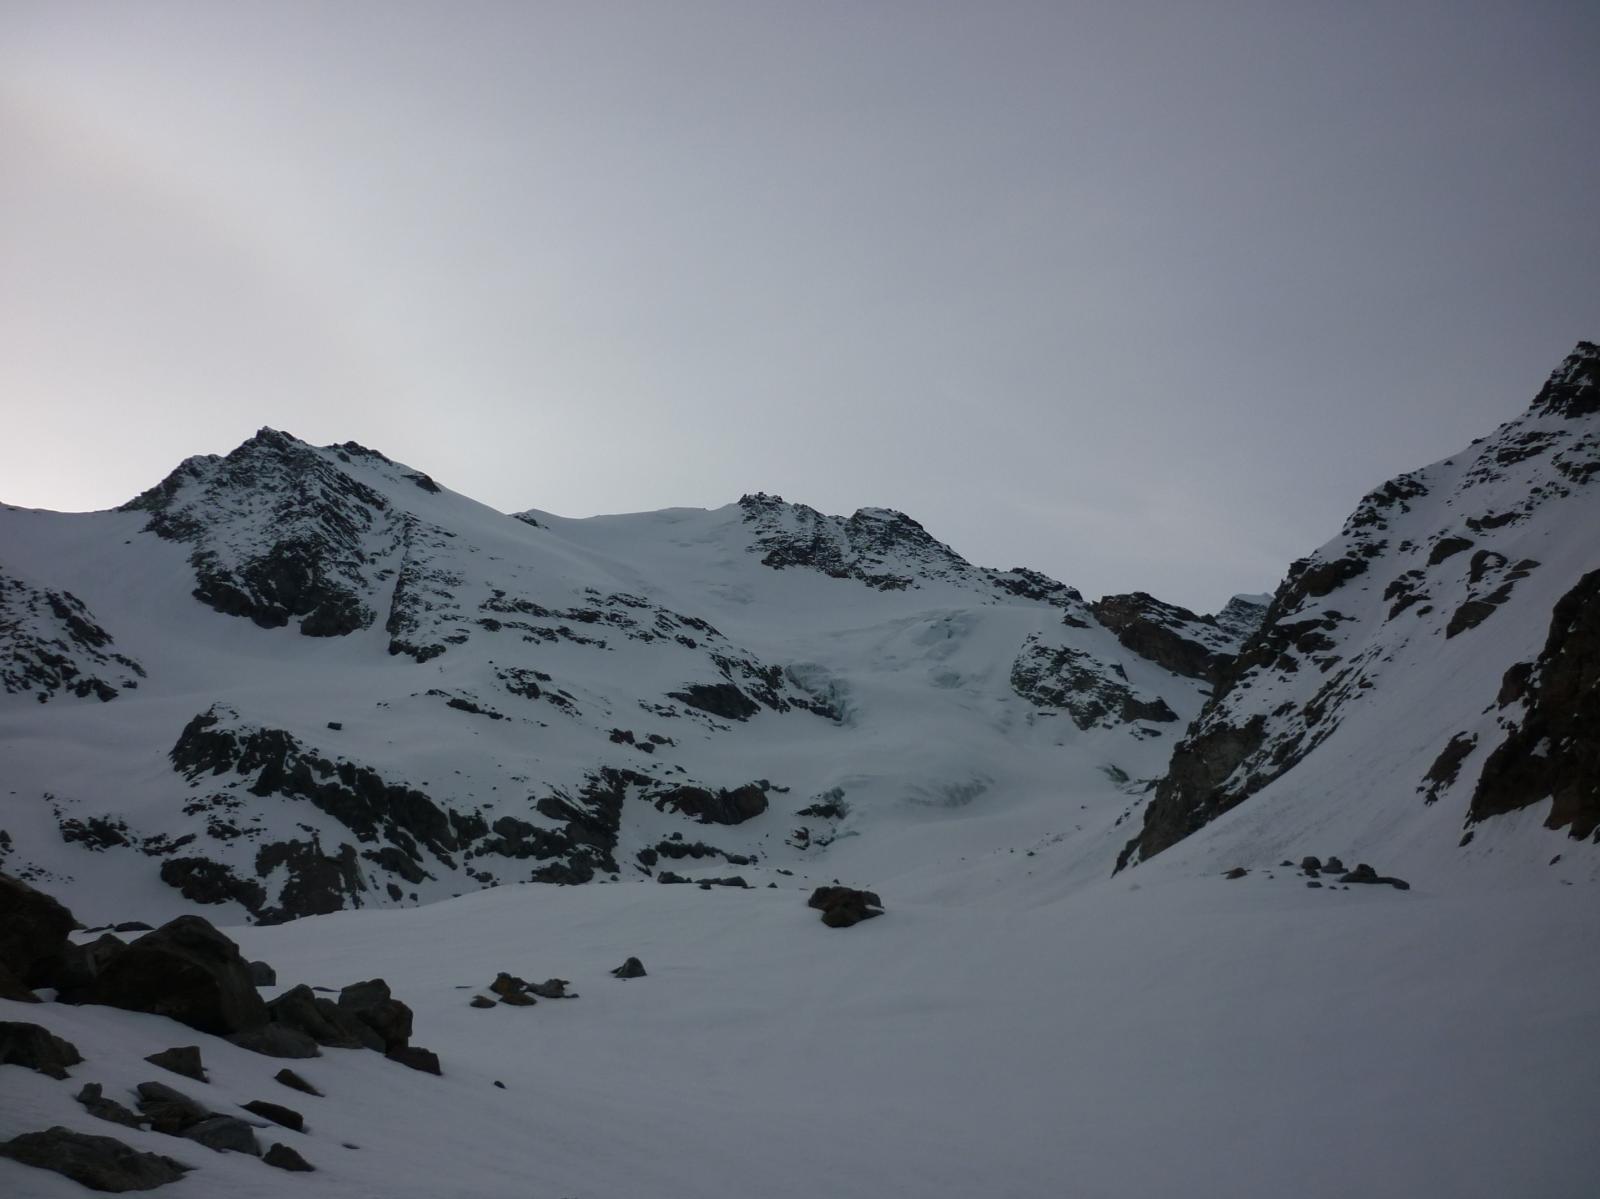 il ghiacciaio in ottime condizioni